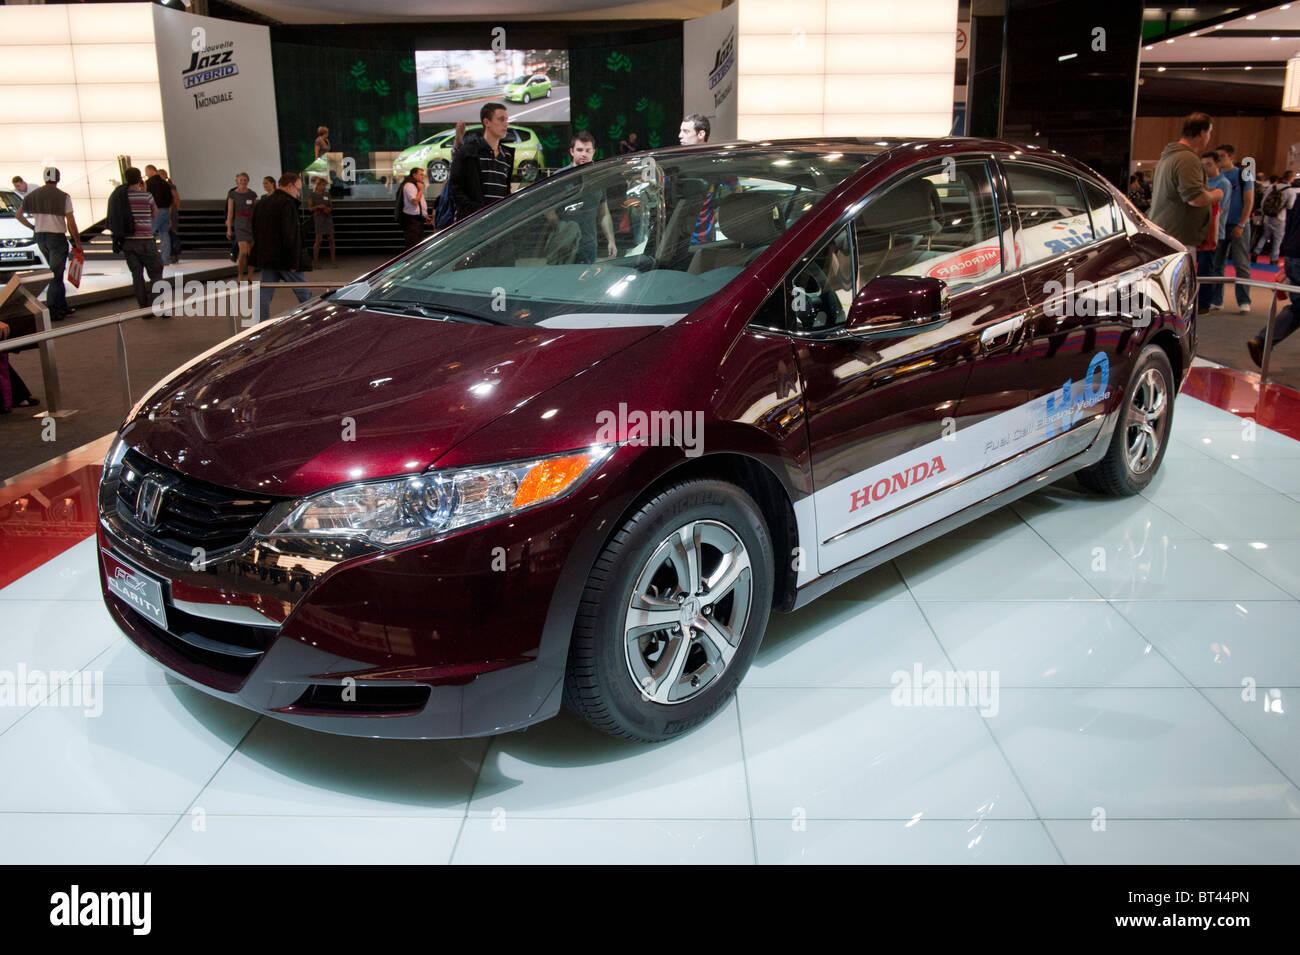 Honda cella a combustibile idrogeno chiarezza auto al Paris Motor Show 2010 Immagini Stock